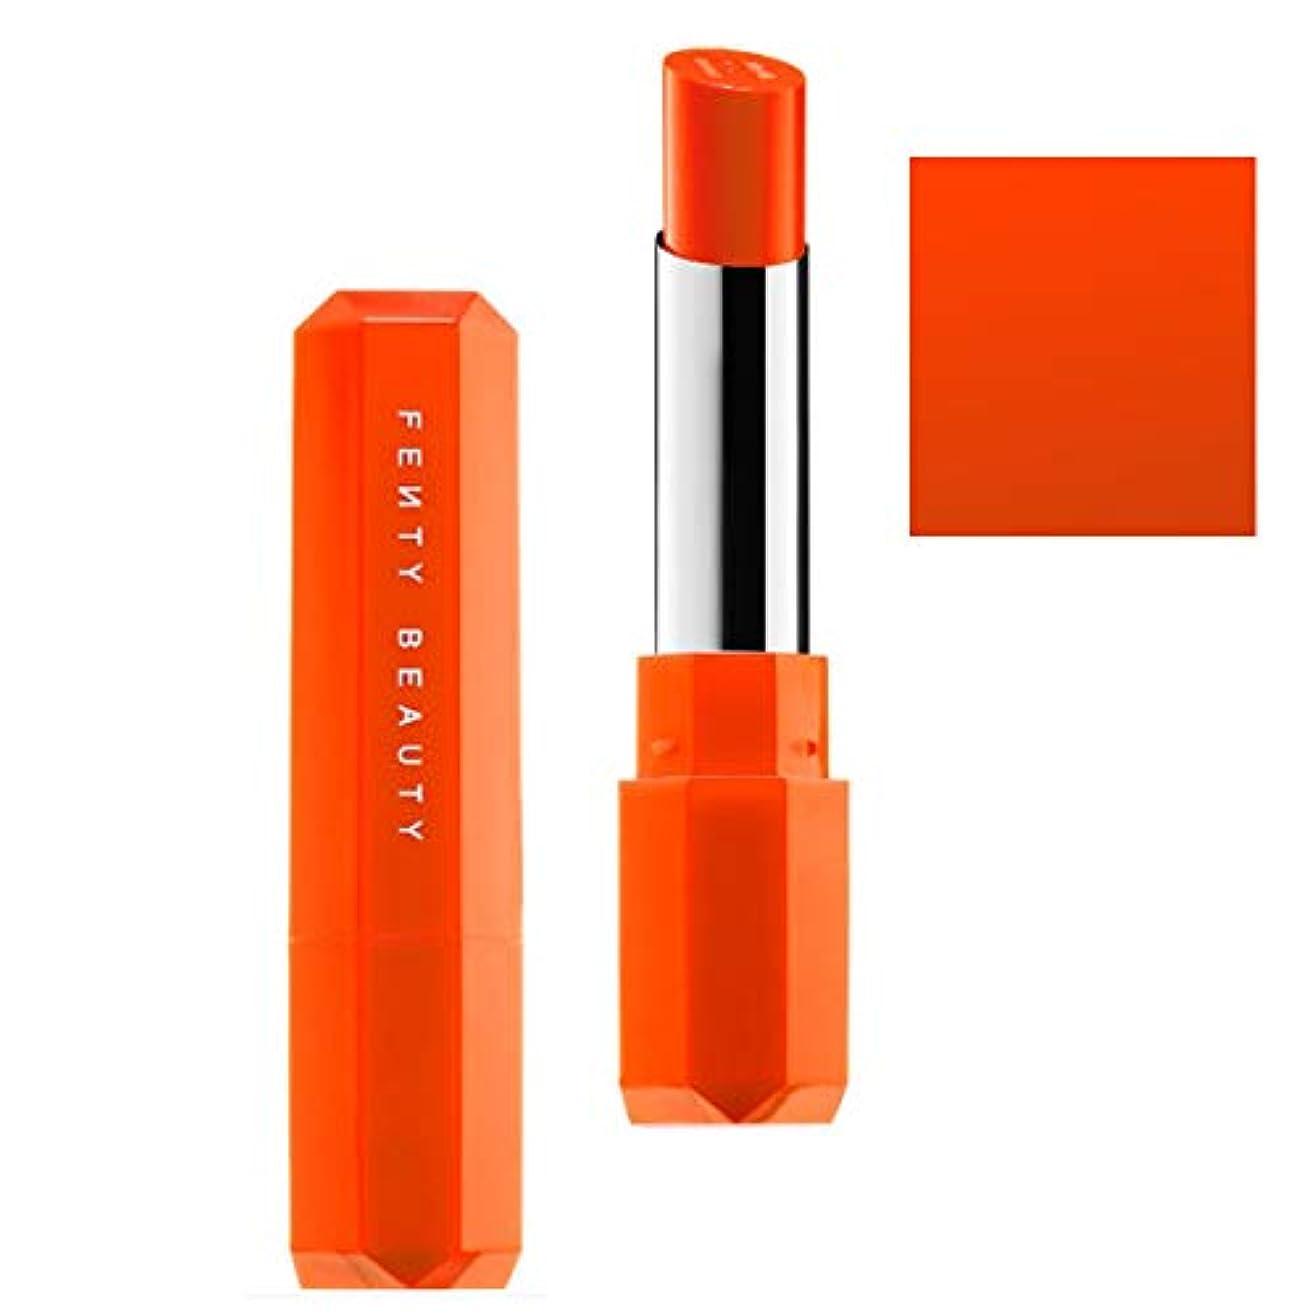 十分です十分です付与FENTY BEAUTY BY RIHANNA,New!!, 限定版 limited-edition, Poutsicle Juicy Satin Lipstick - Sun Snatched [海外直送品] [並行輸入品]